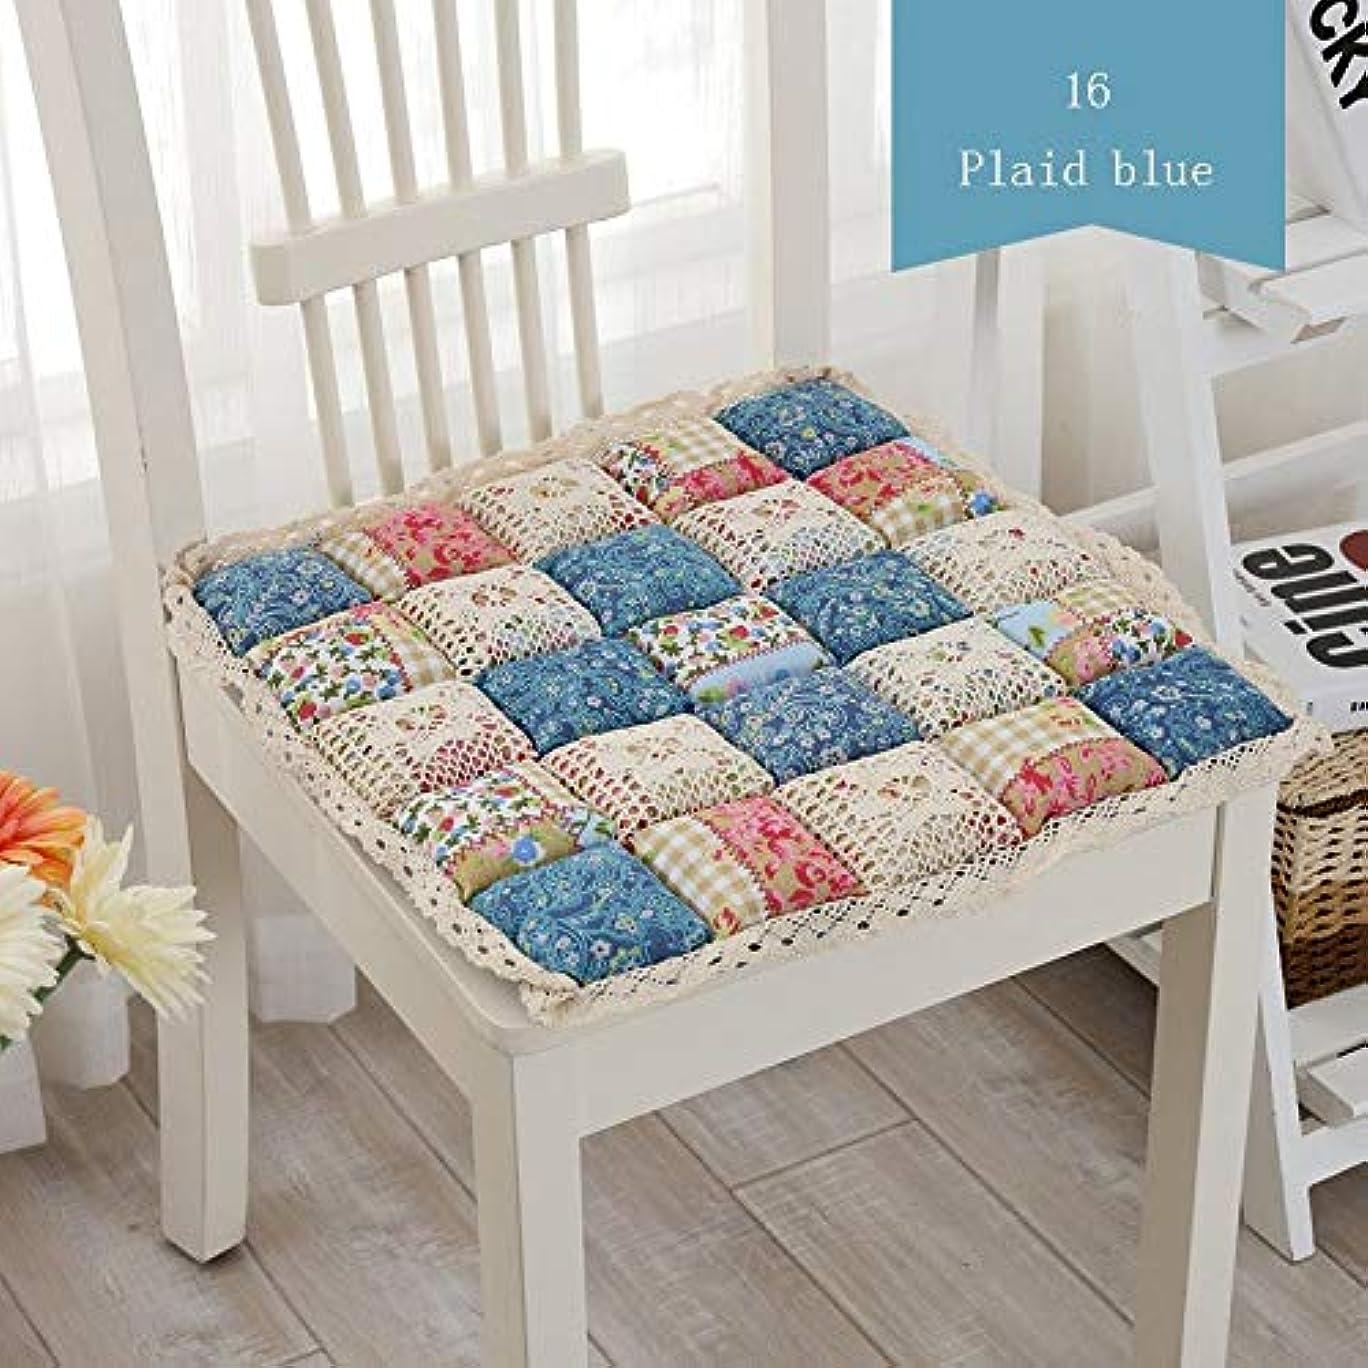 バイナリ閉塞やめるLIFE 1 個抗褥瘡綿椅子クッション 24 色ファッションオフィス正方形クッション学生チェアクッション家の装飾厚み クッション 椅子